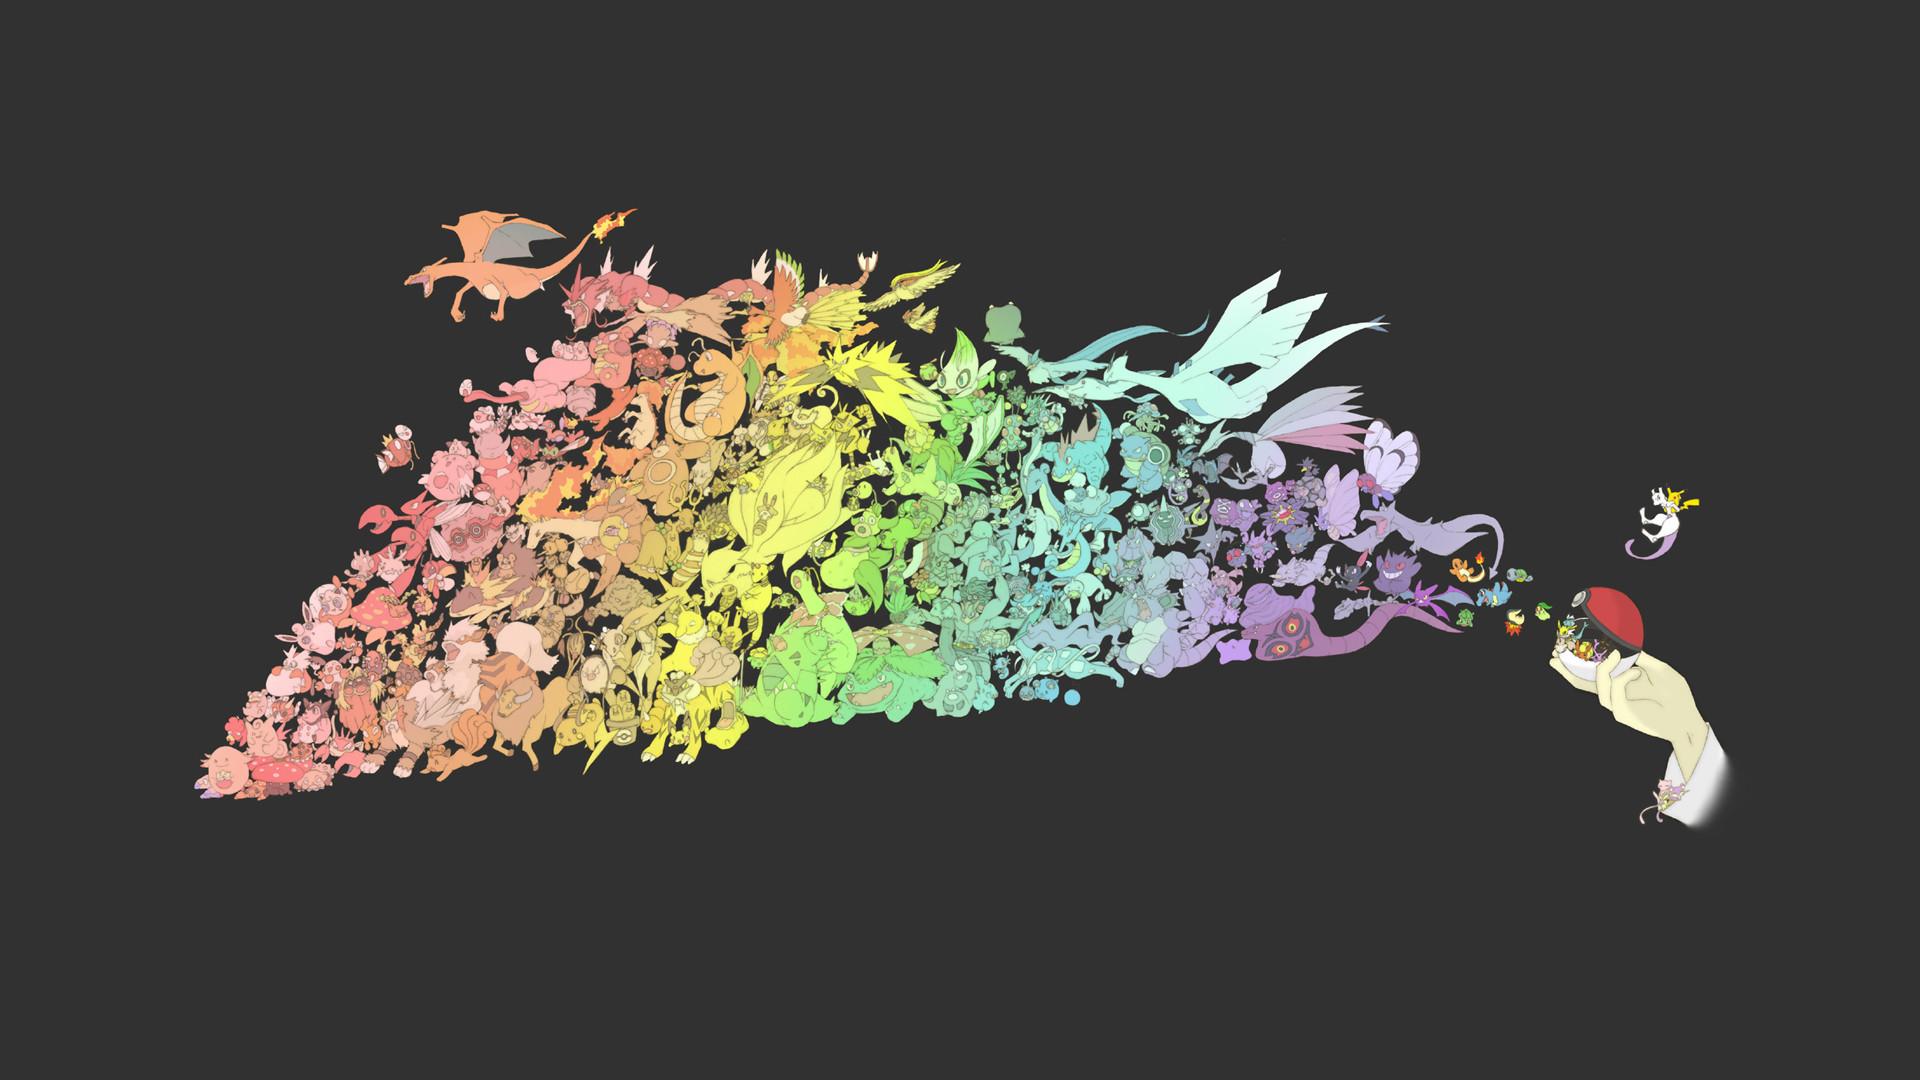 Pokemon legendary wallpaper 62 images - All legendary pokemon background ...